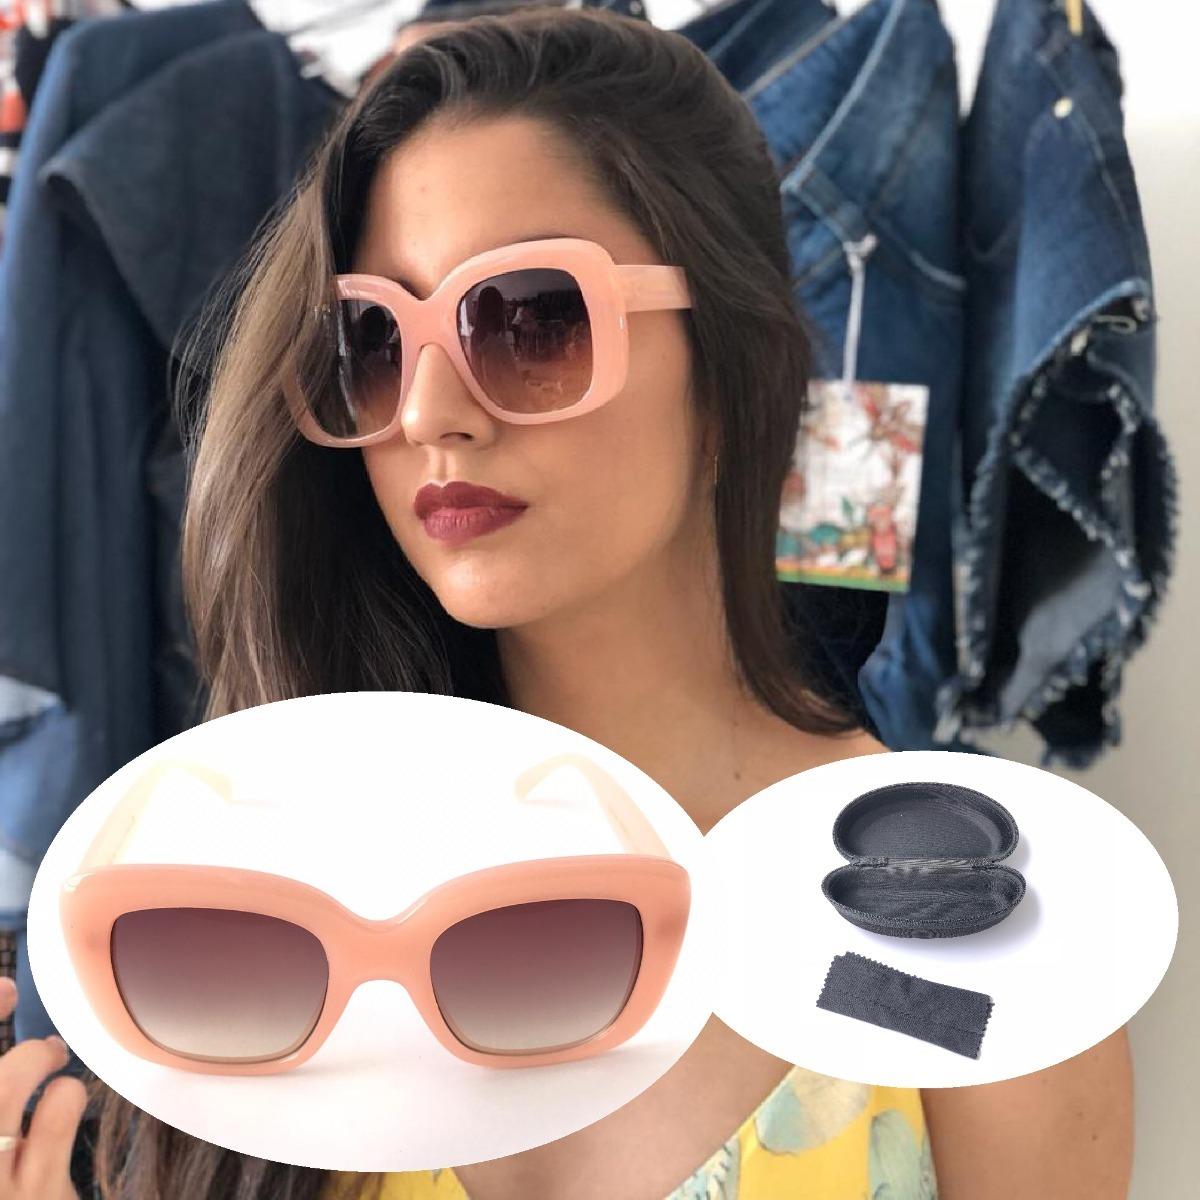 438879f02470b Óculos De Sol Feminino Quadrado Retangular Mascara Promoção - R  59 ...